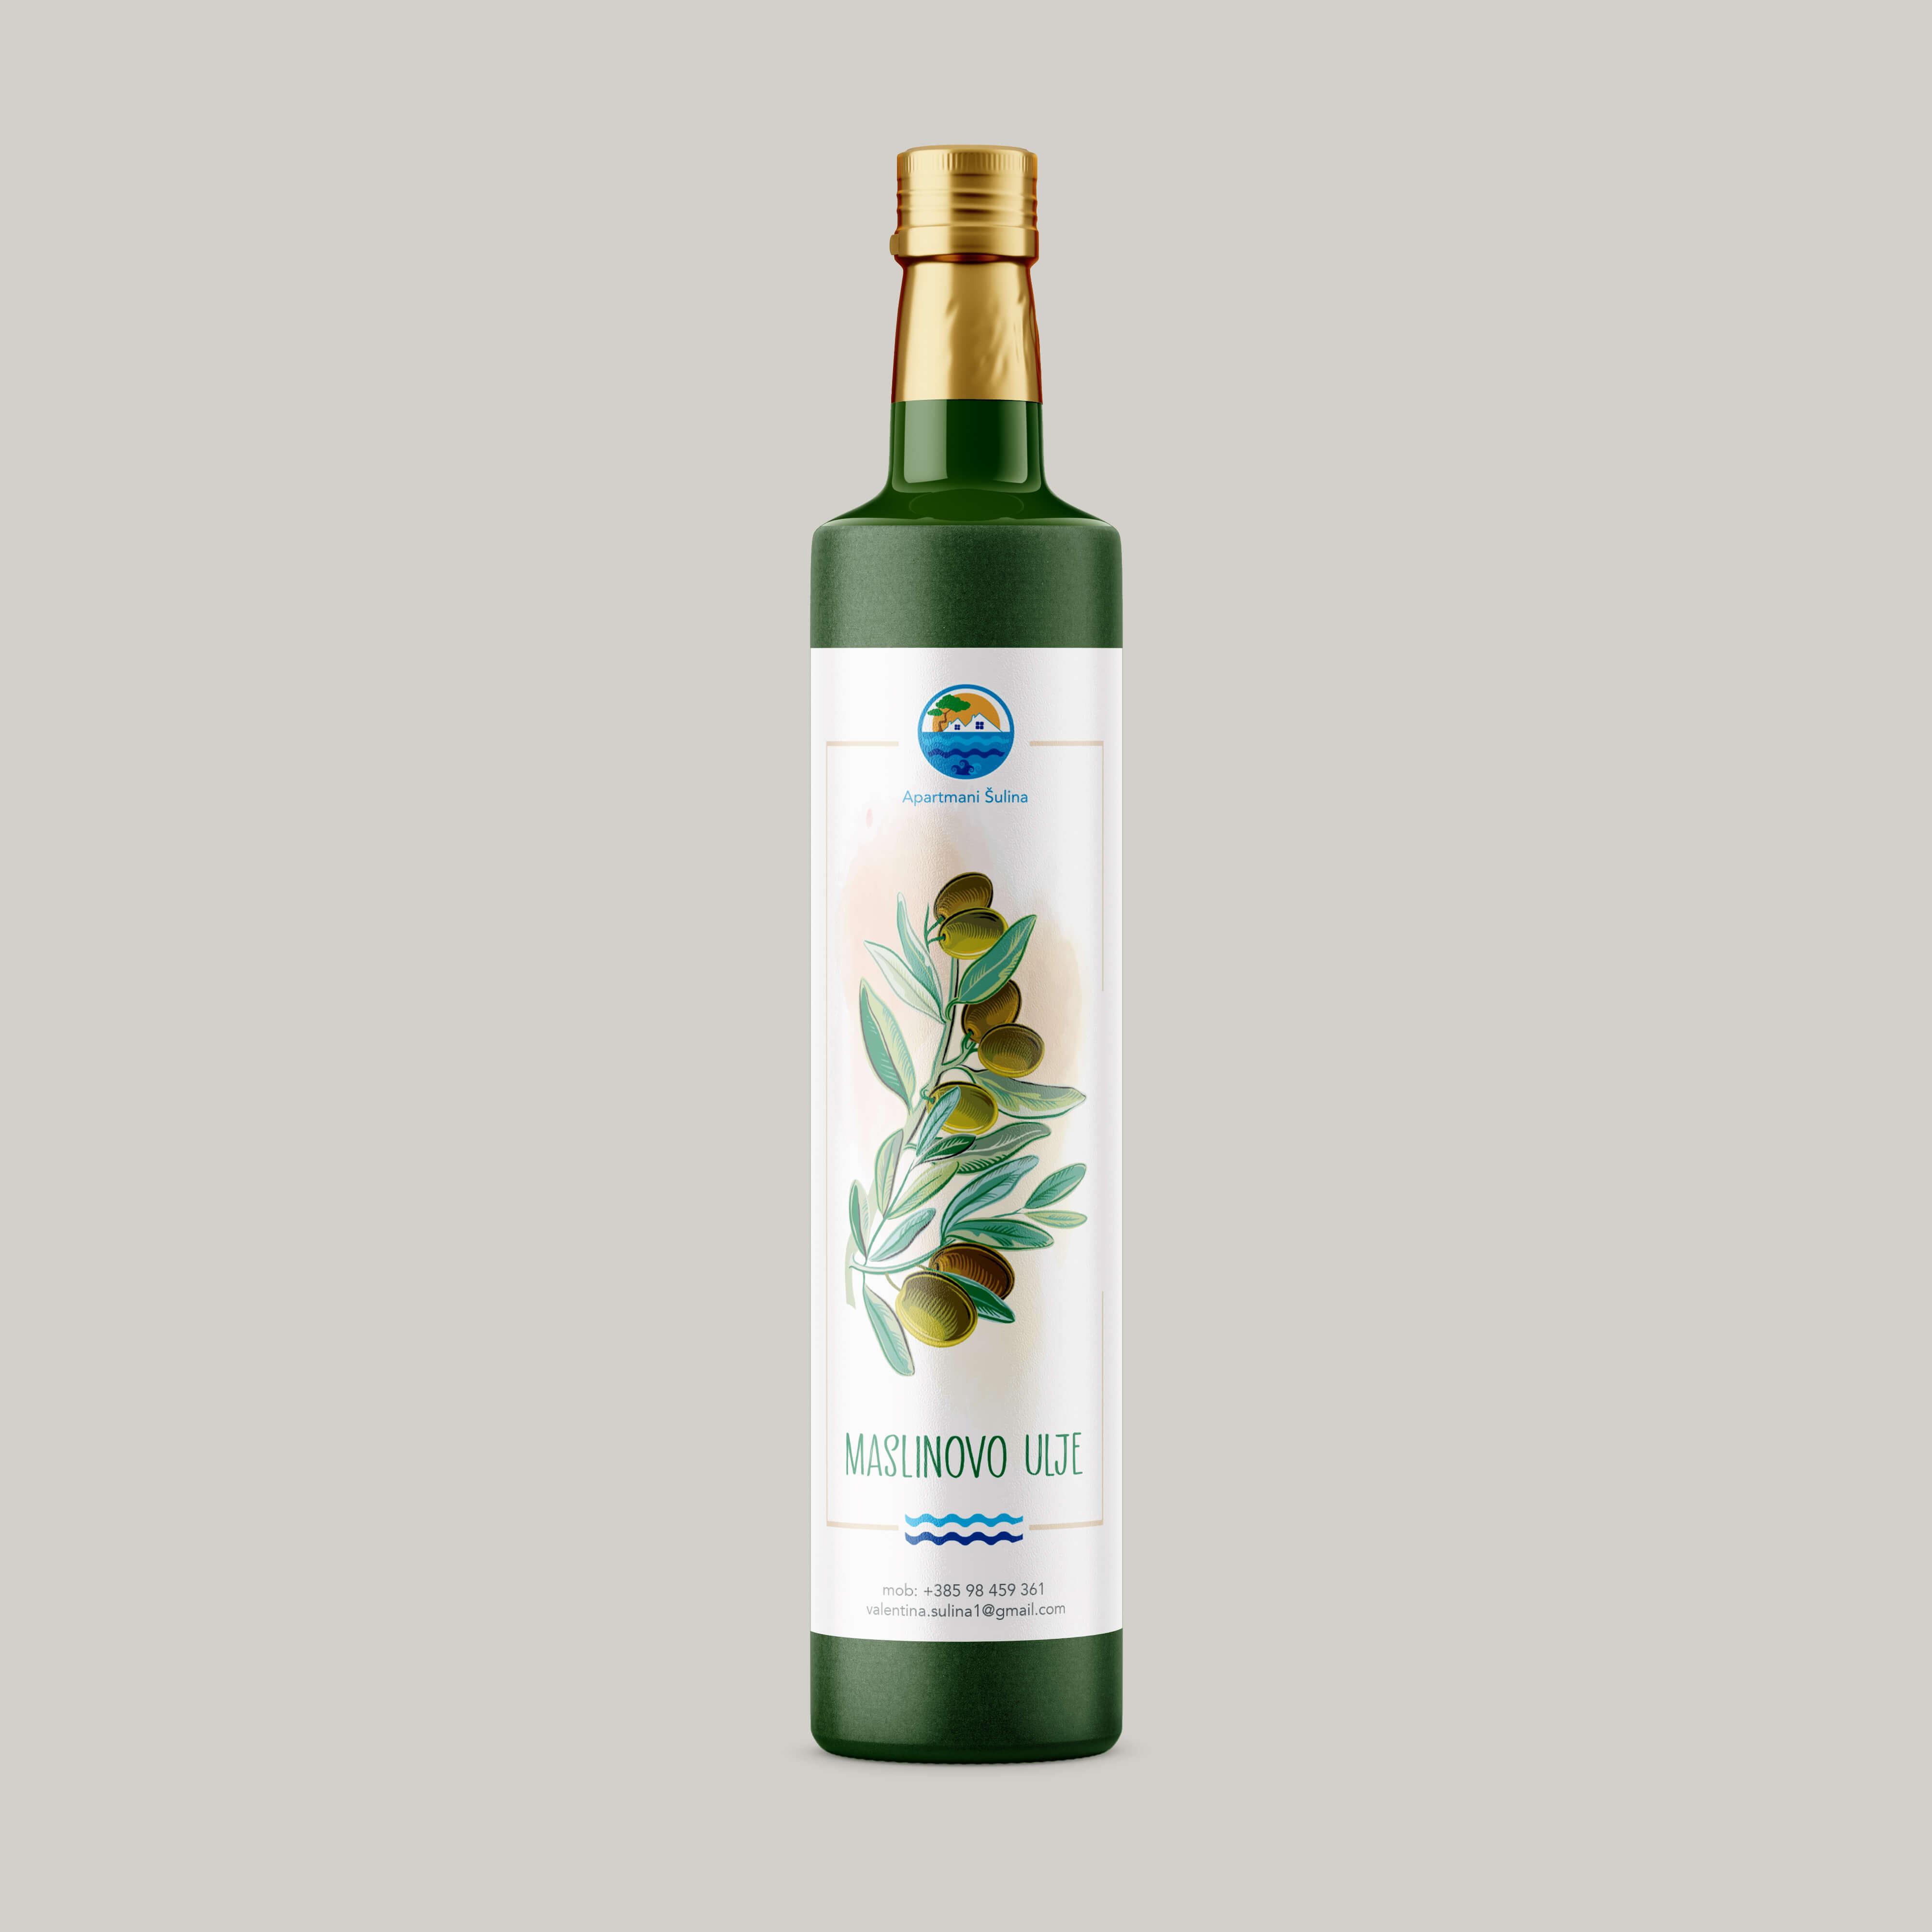 maslinovo ulje Šulina